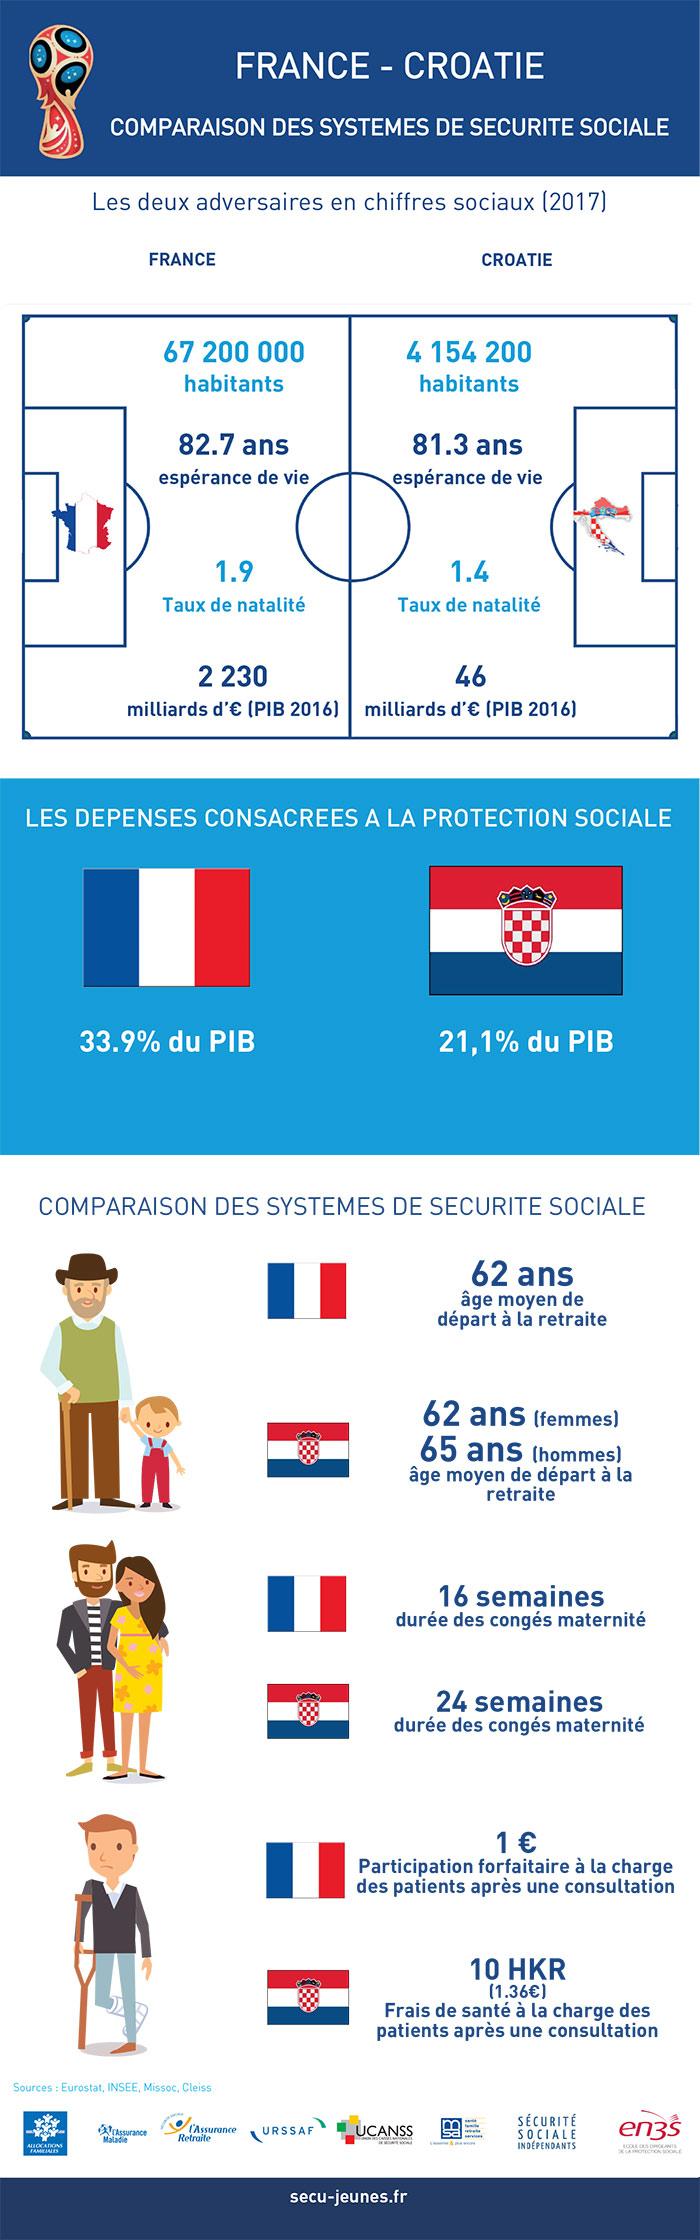 Comparaison sociale France-Croatie